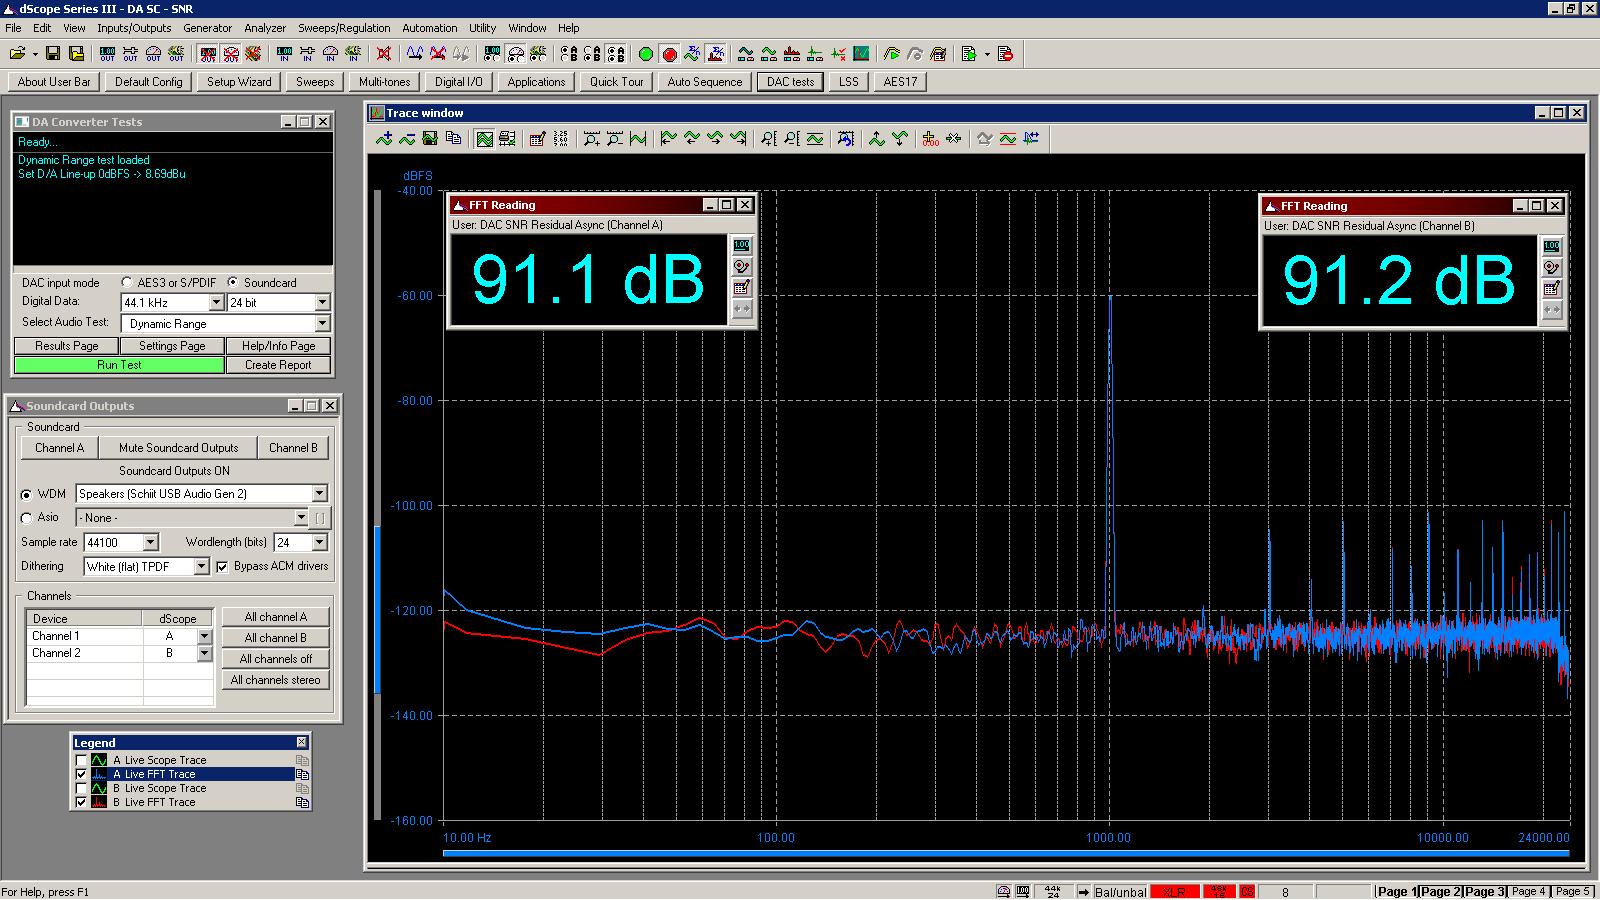 20160812 Modi MB SE dynamic range - USB.png